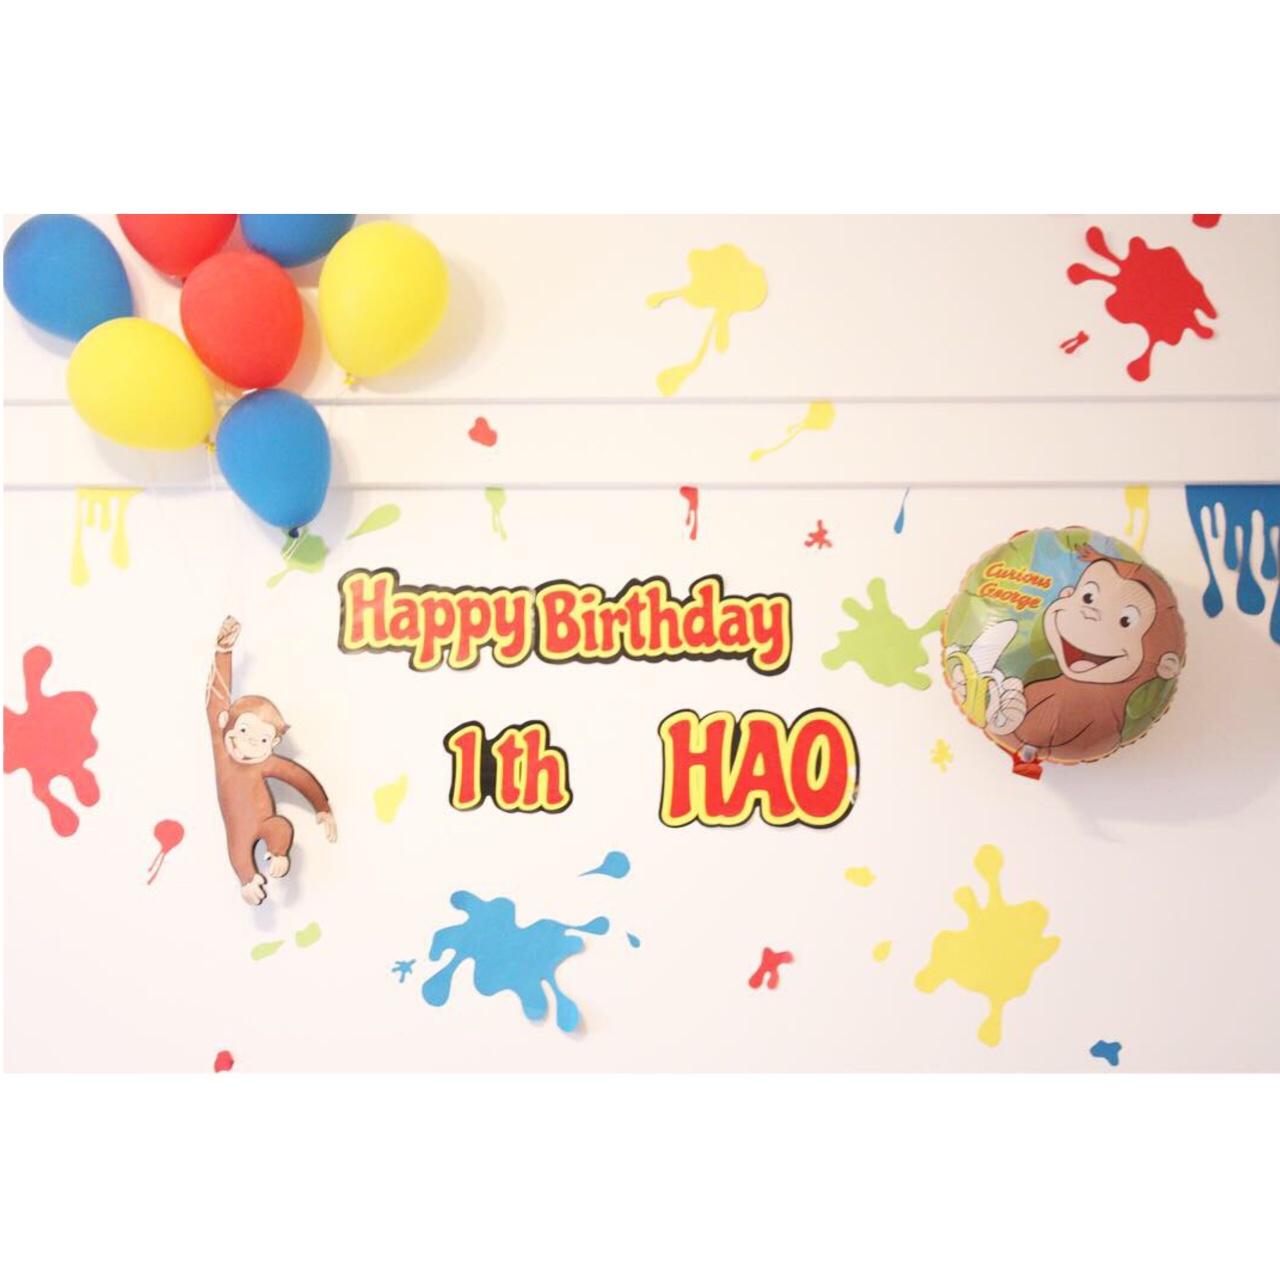 息子の1歳の誕生日は おさるのジョージ尽くしで装飾❤︎ 絵の具